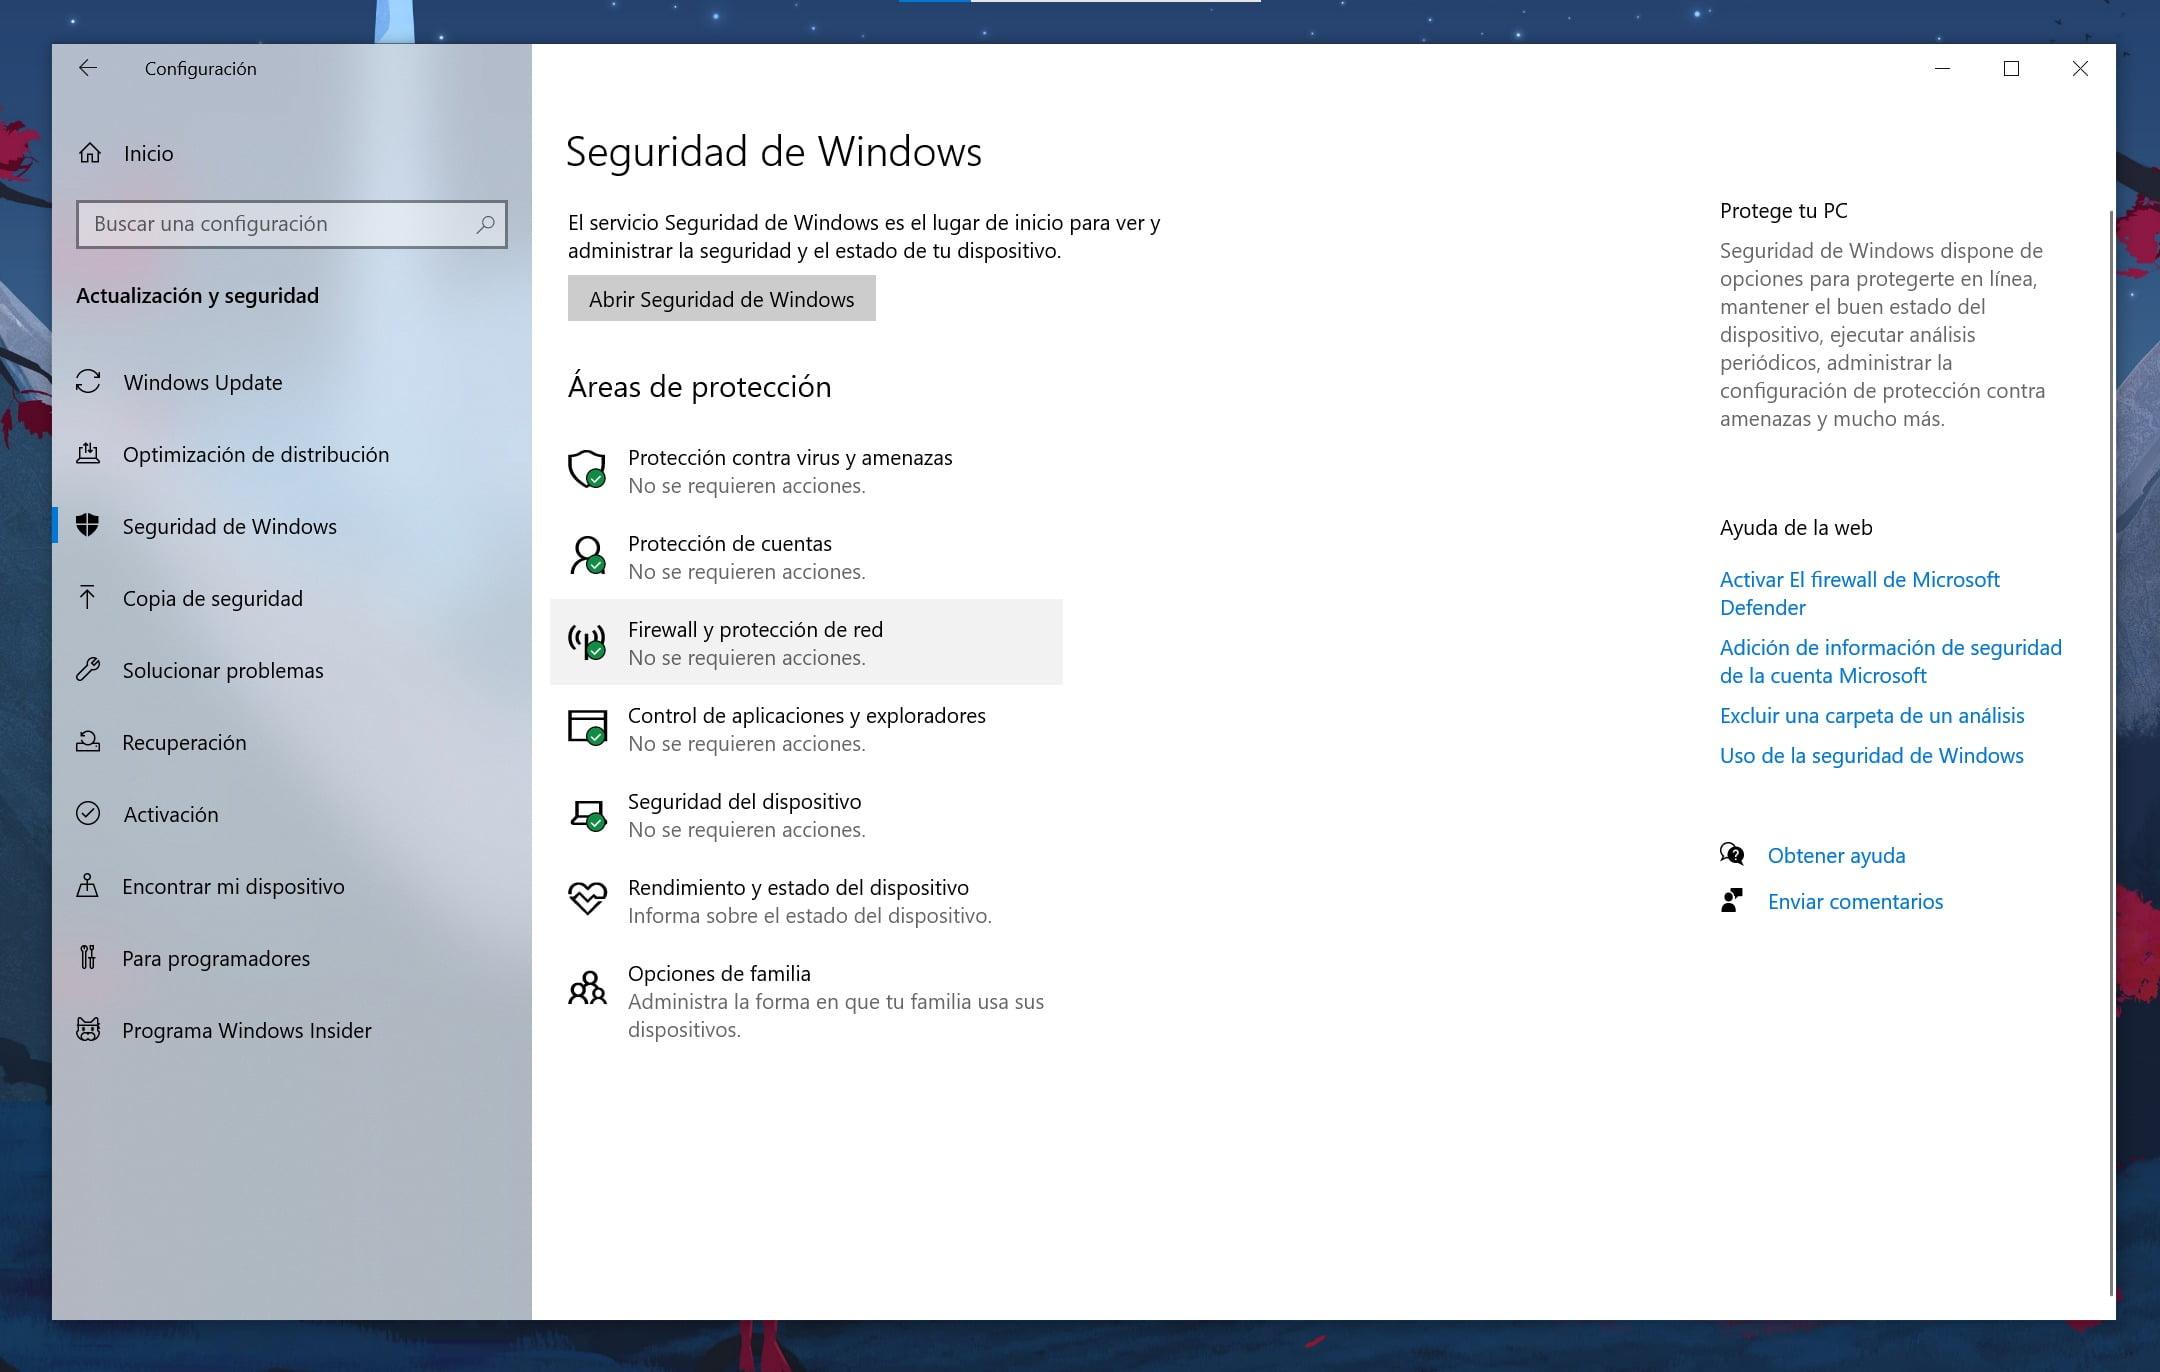 Configuración de Seguridad de Windows